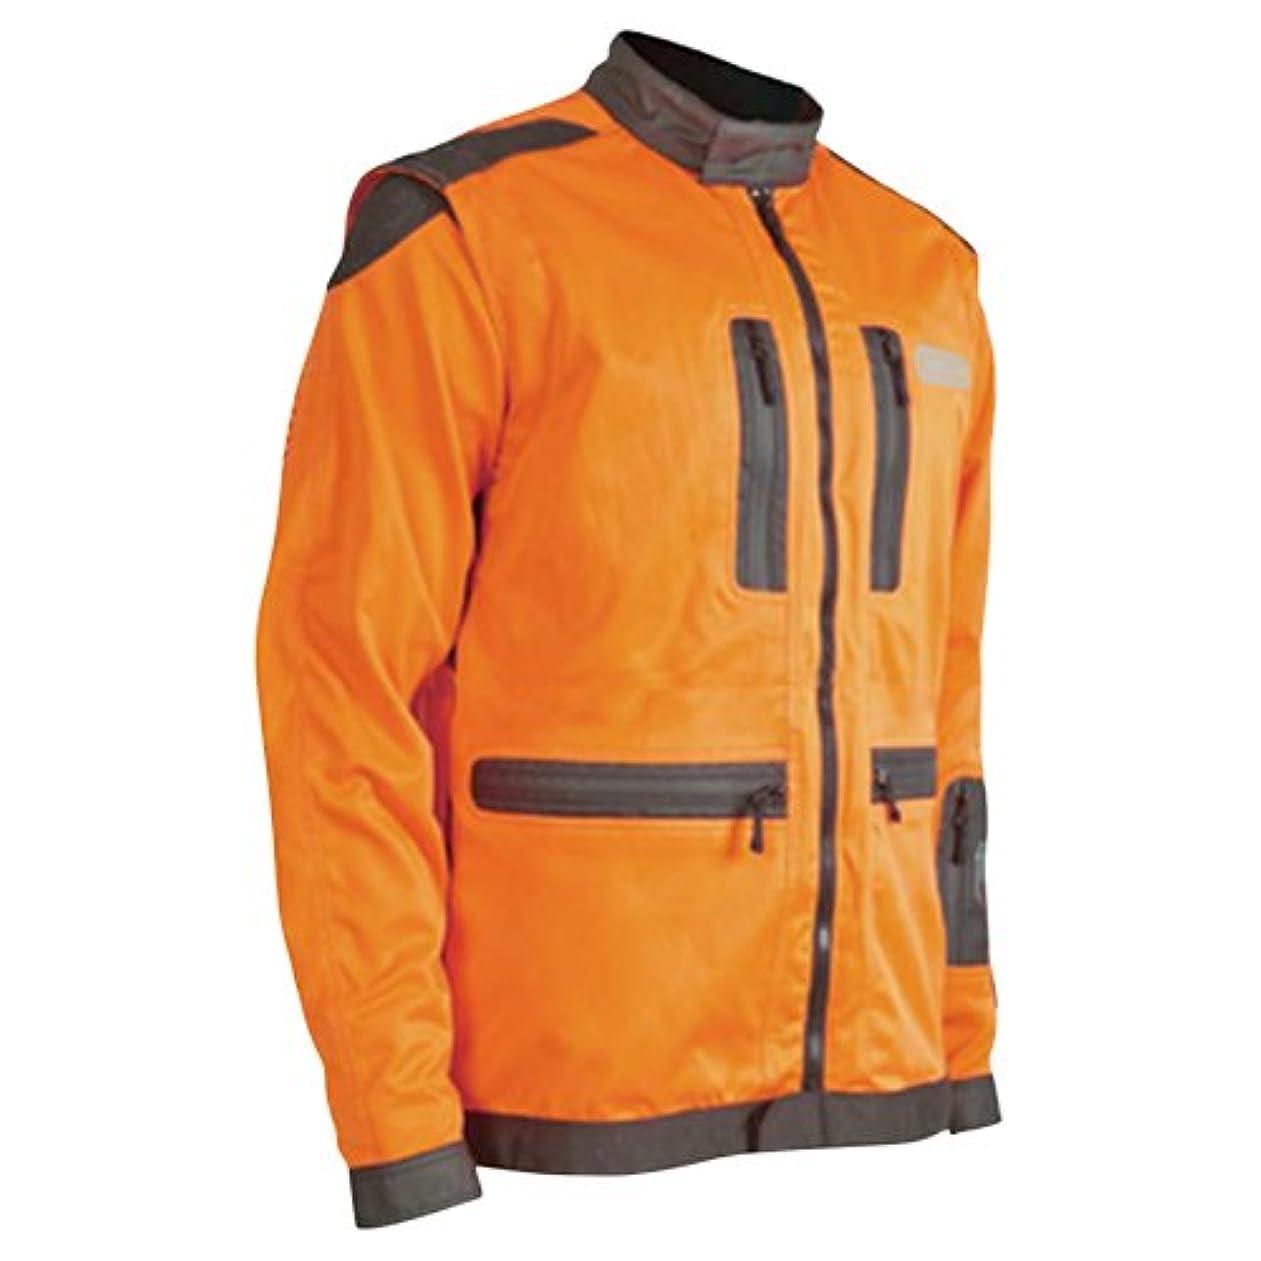 好む迷路練習オレゴン ジャケット フィヨルドランド (Mサイズ) 295489/M [サイズ:M]